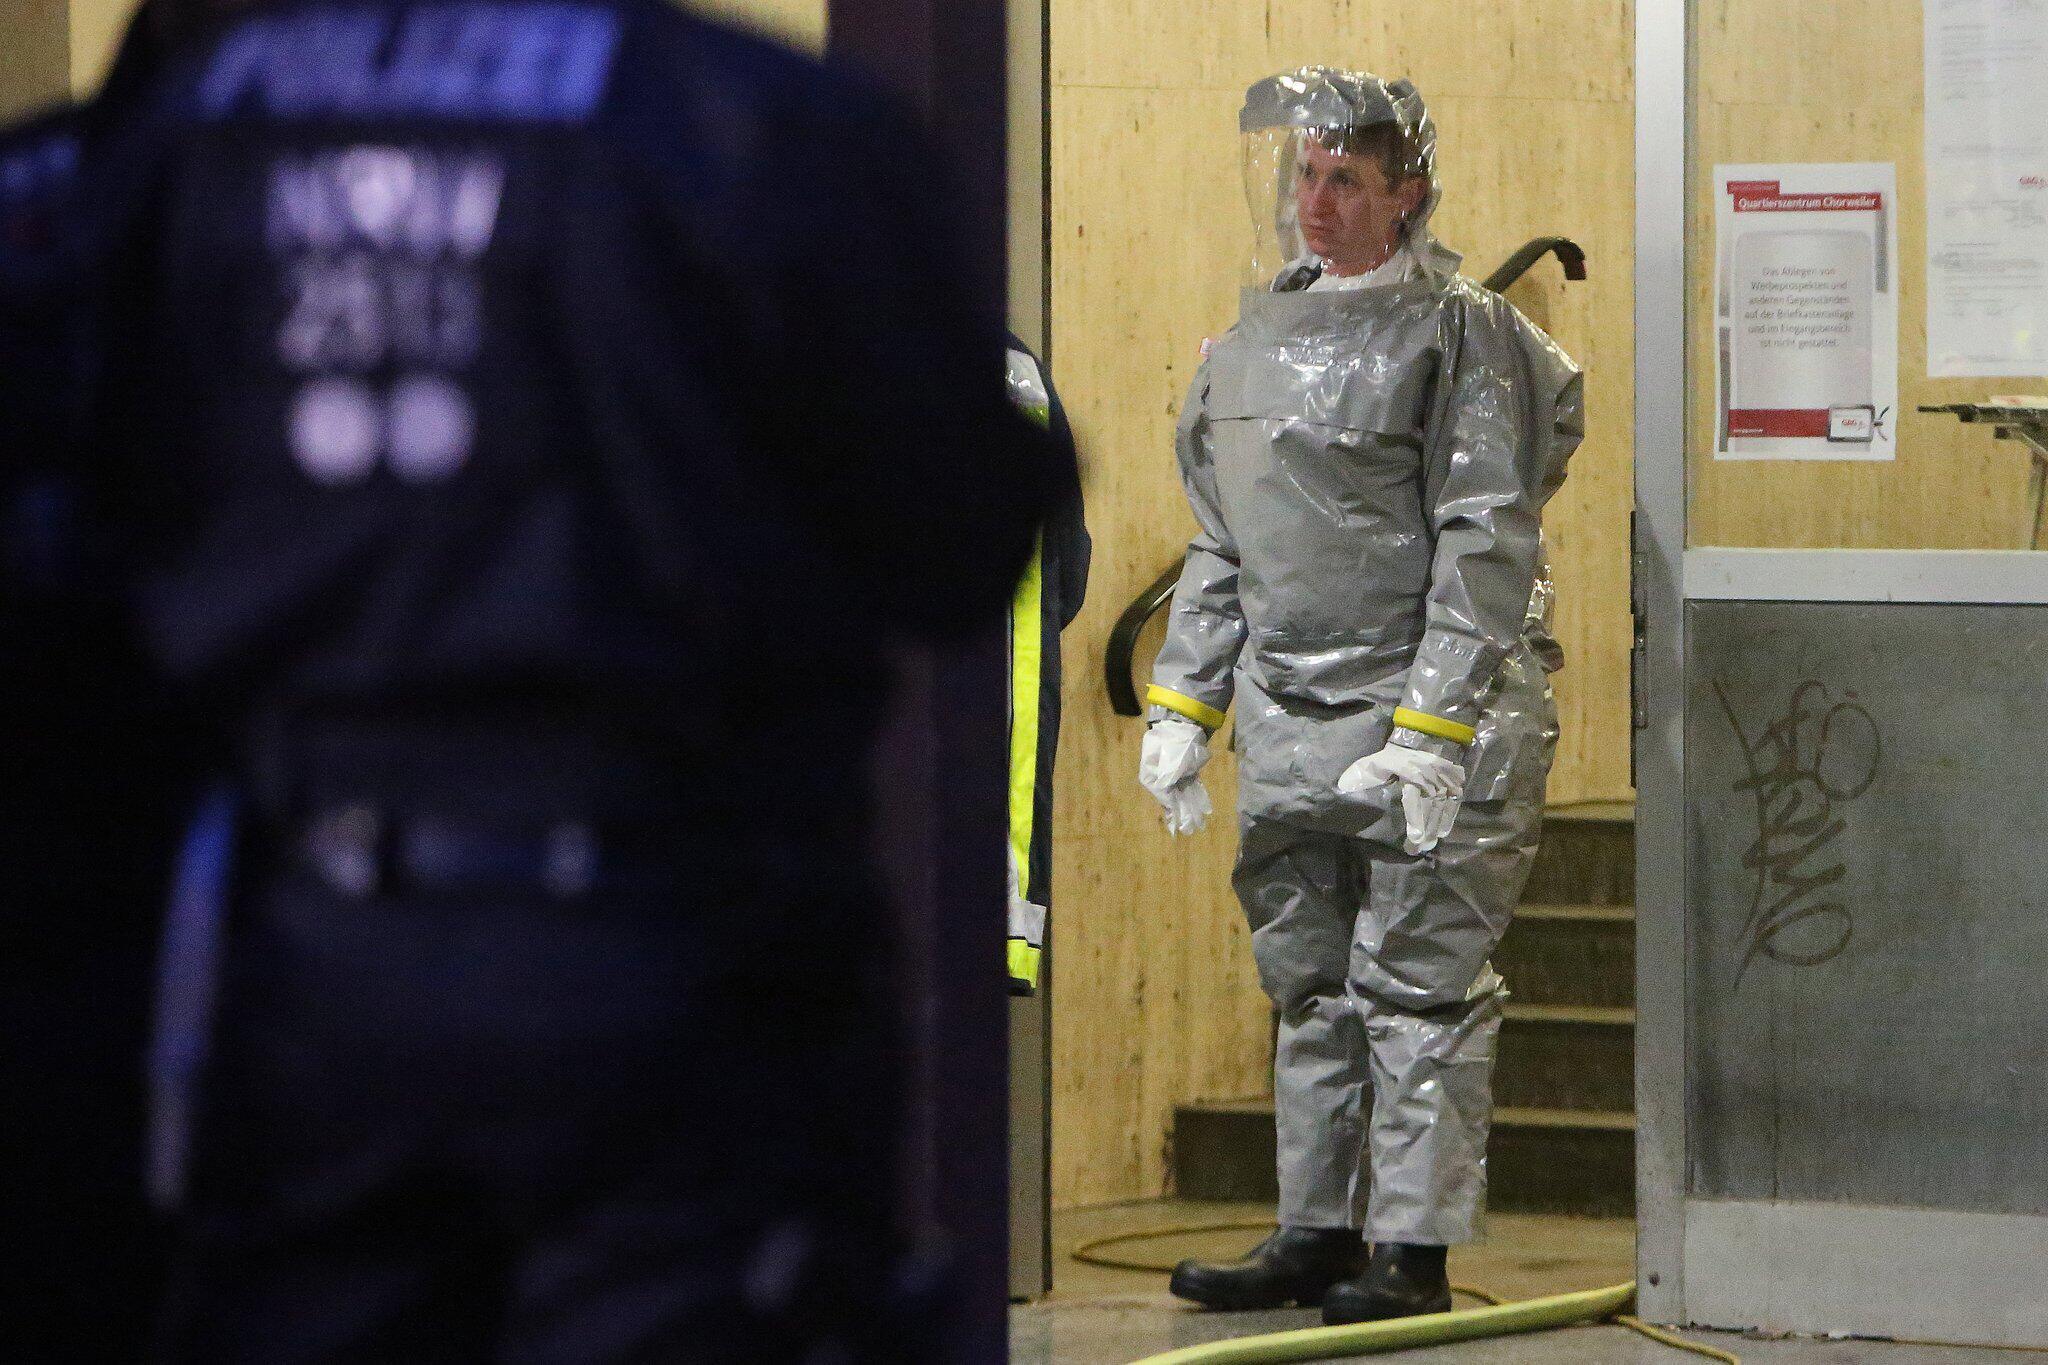 Bild zu Verdacht auf giftige Stoffe in Kölner Wohnung